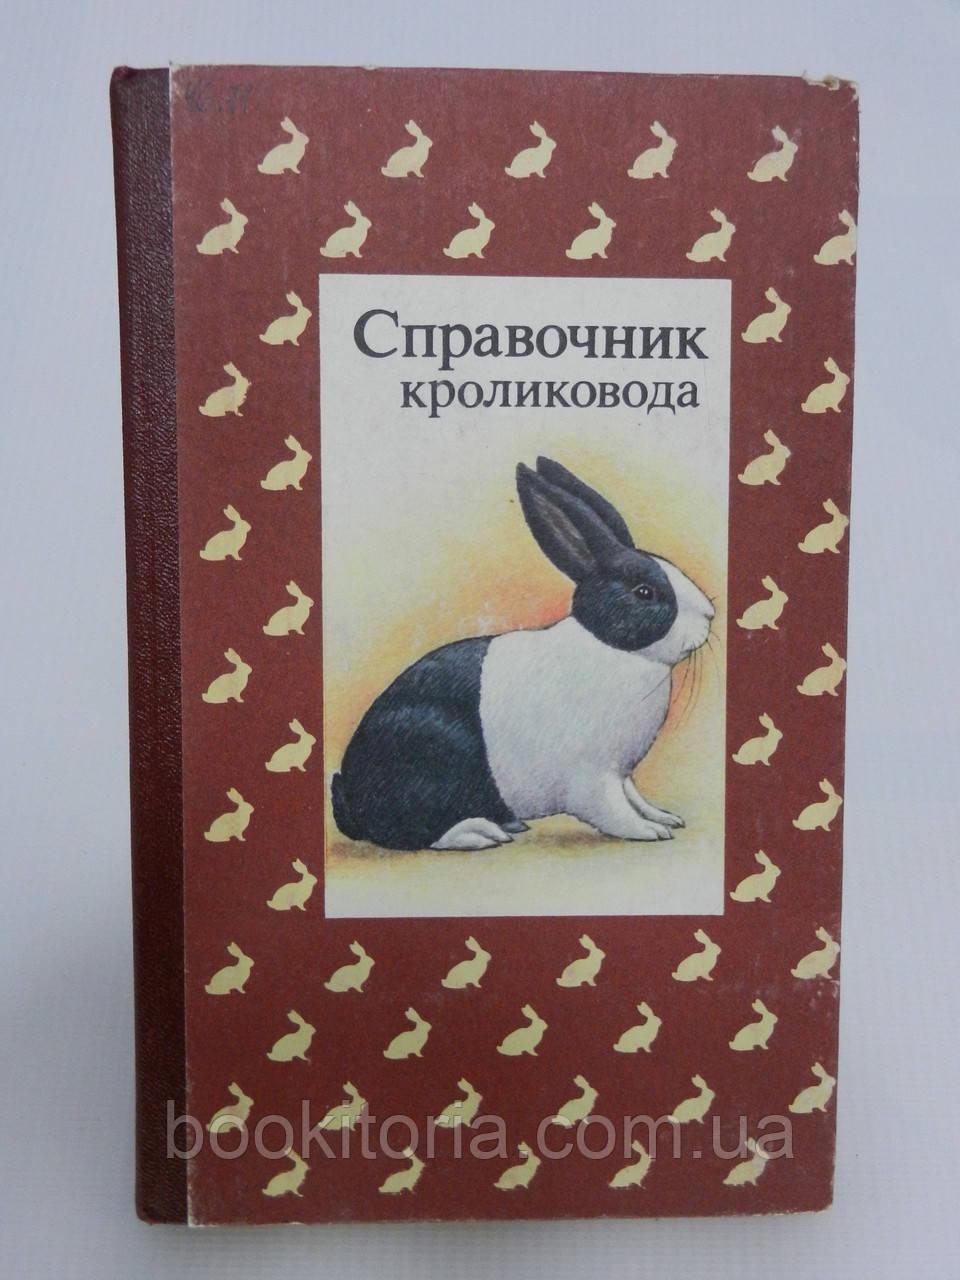 Справочник кроликовода (б/у).